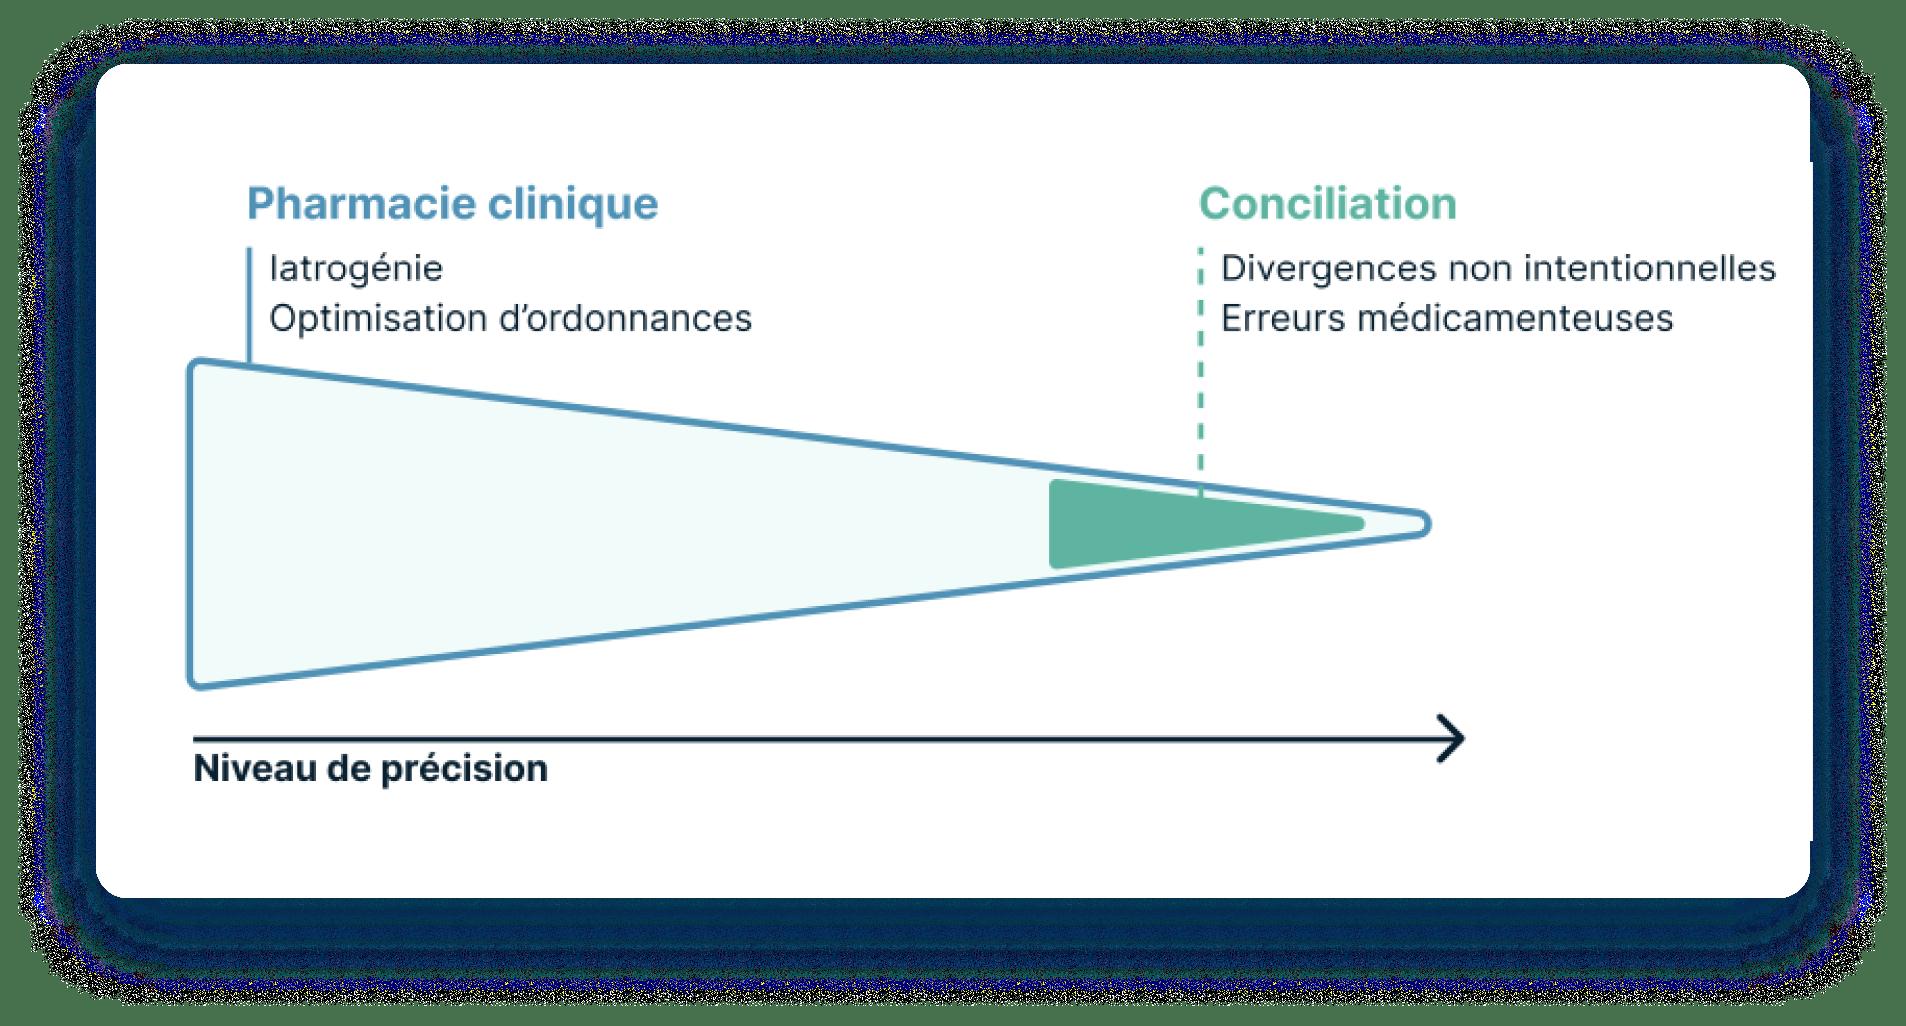 pharmacie-clinique-conciliation-synapse-medicine